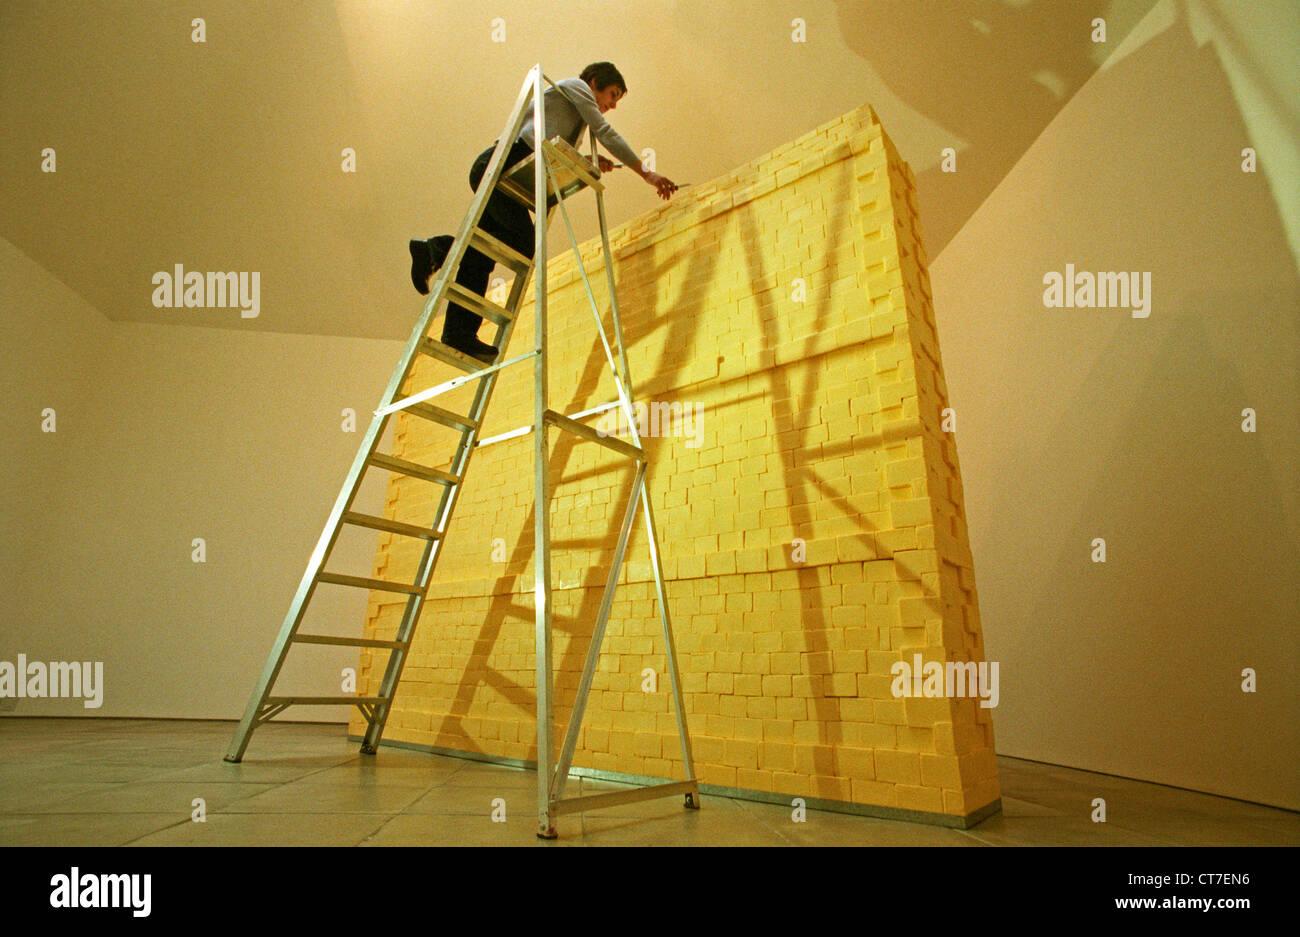 Mujer artista en la escalera, esculpir una pared hecha enteramente de mantequilla. Pesaba tres cuartos de tonelada Imagen De Stock